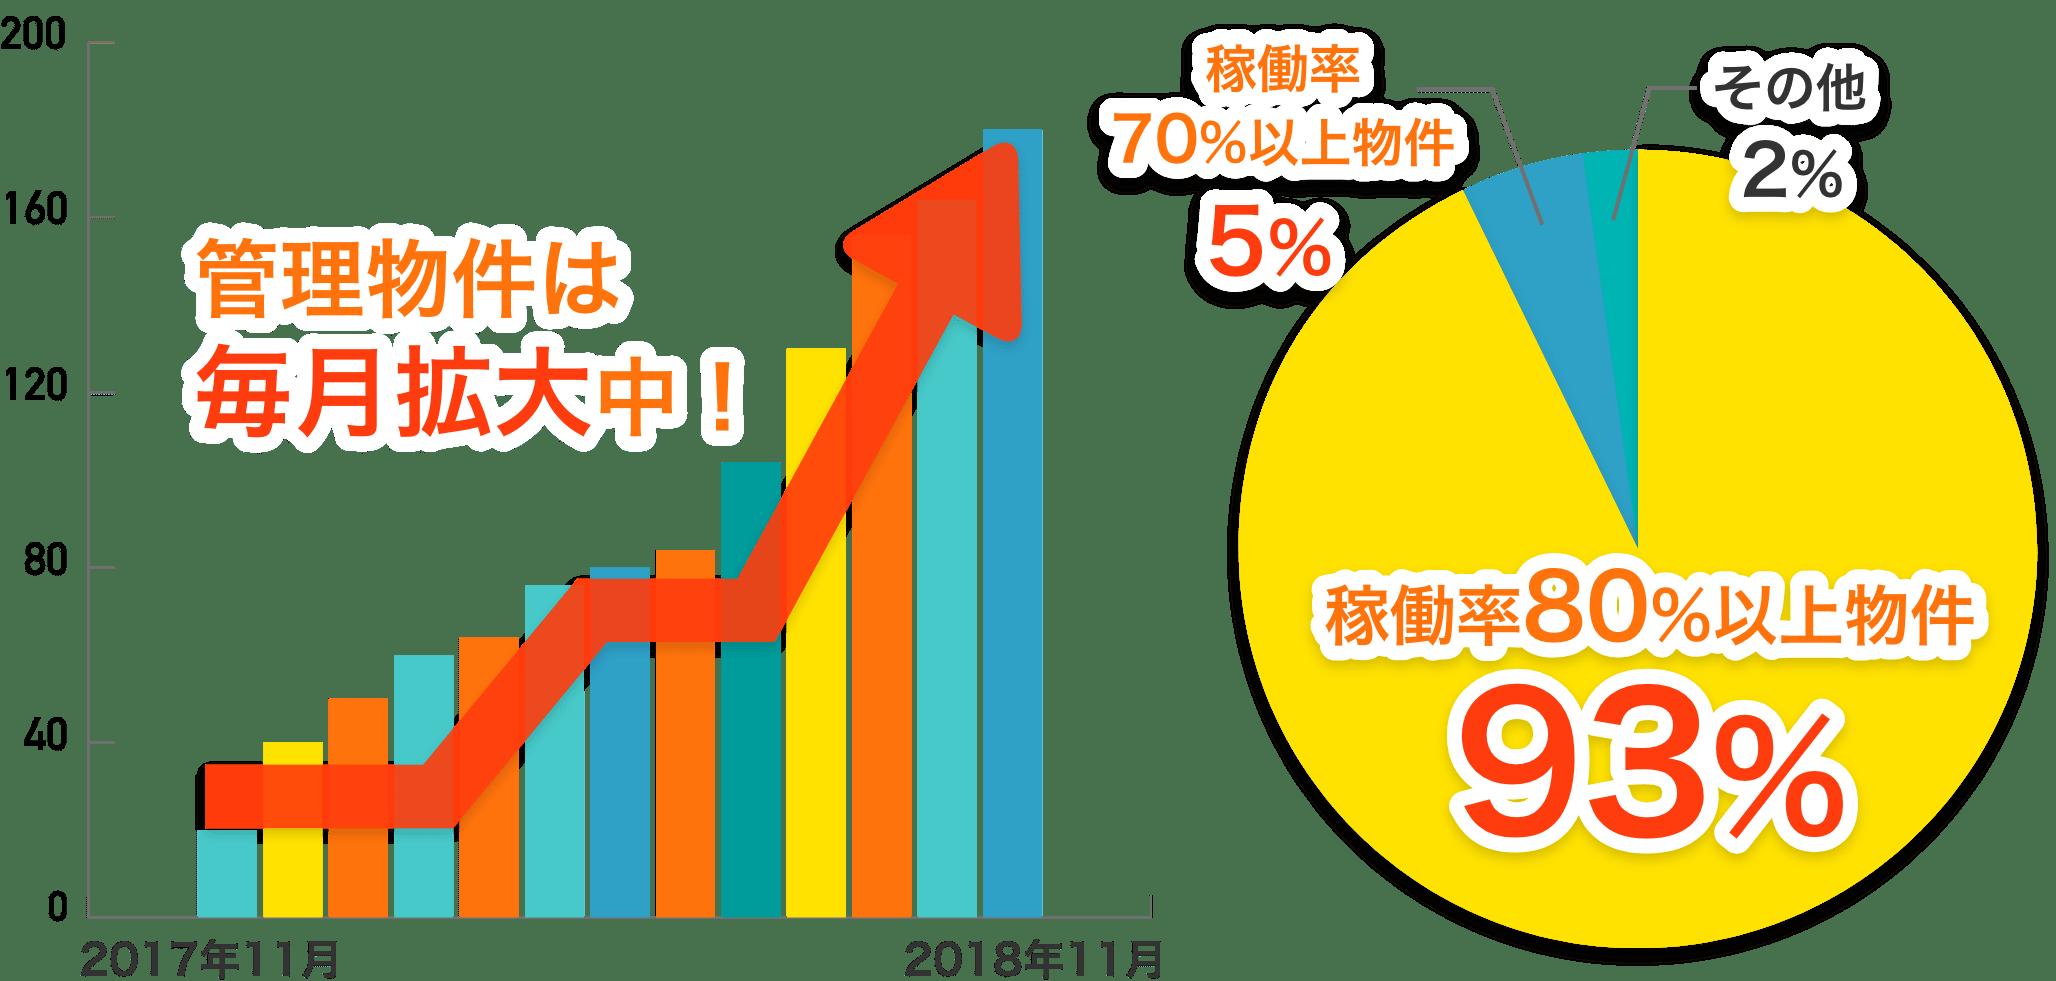 管理物件は毎月拡大中!稼働率80%物件が93%!